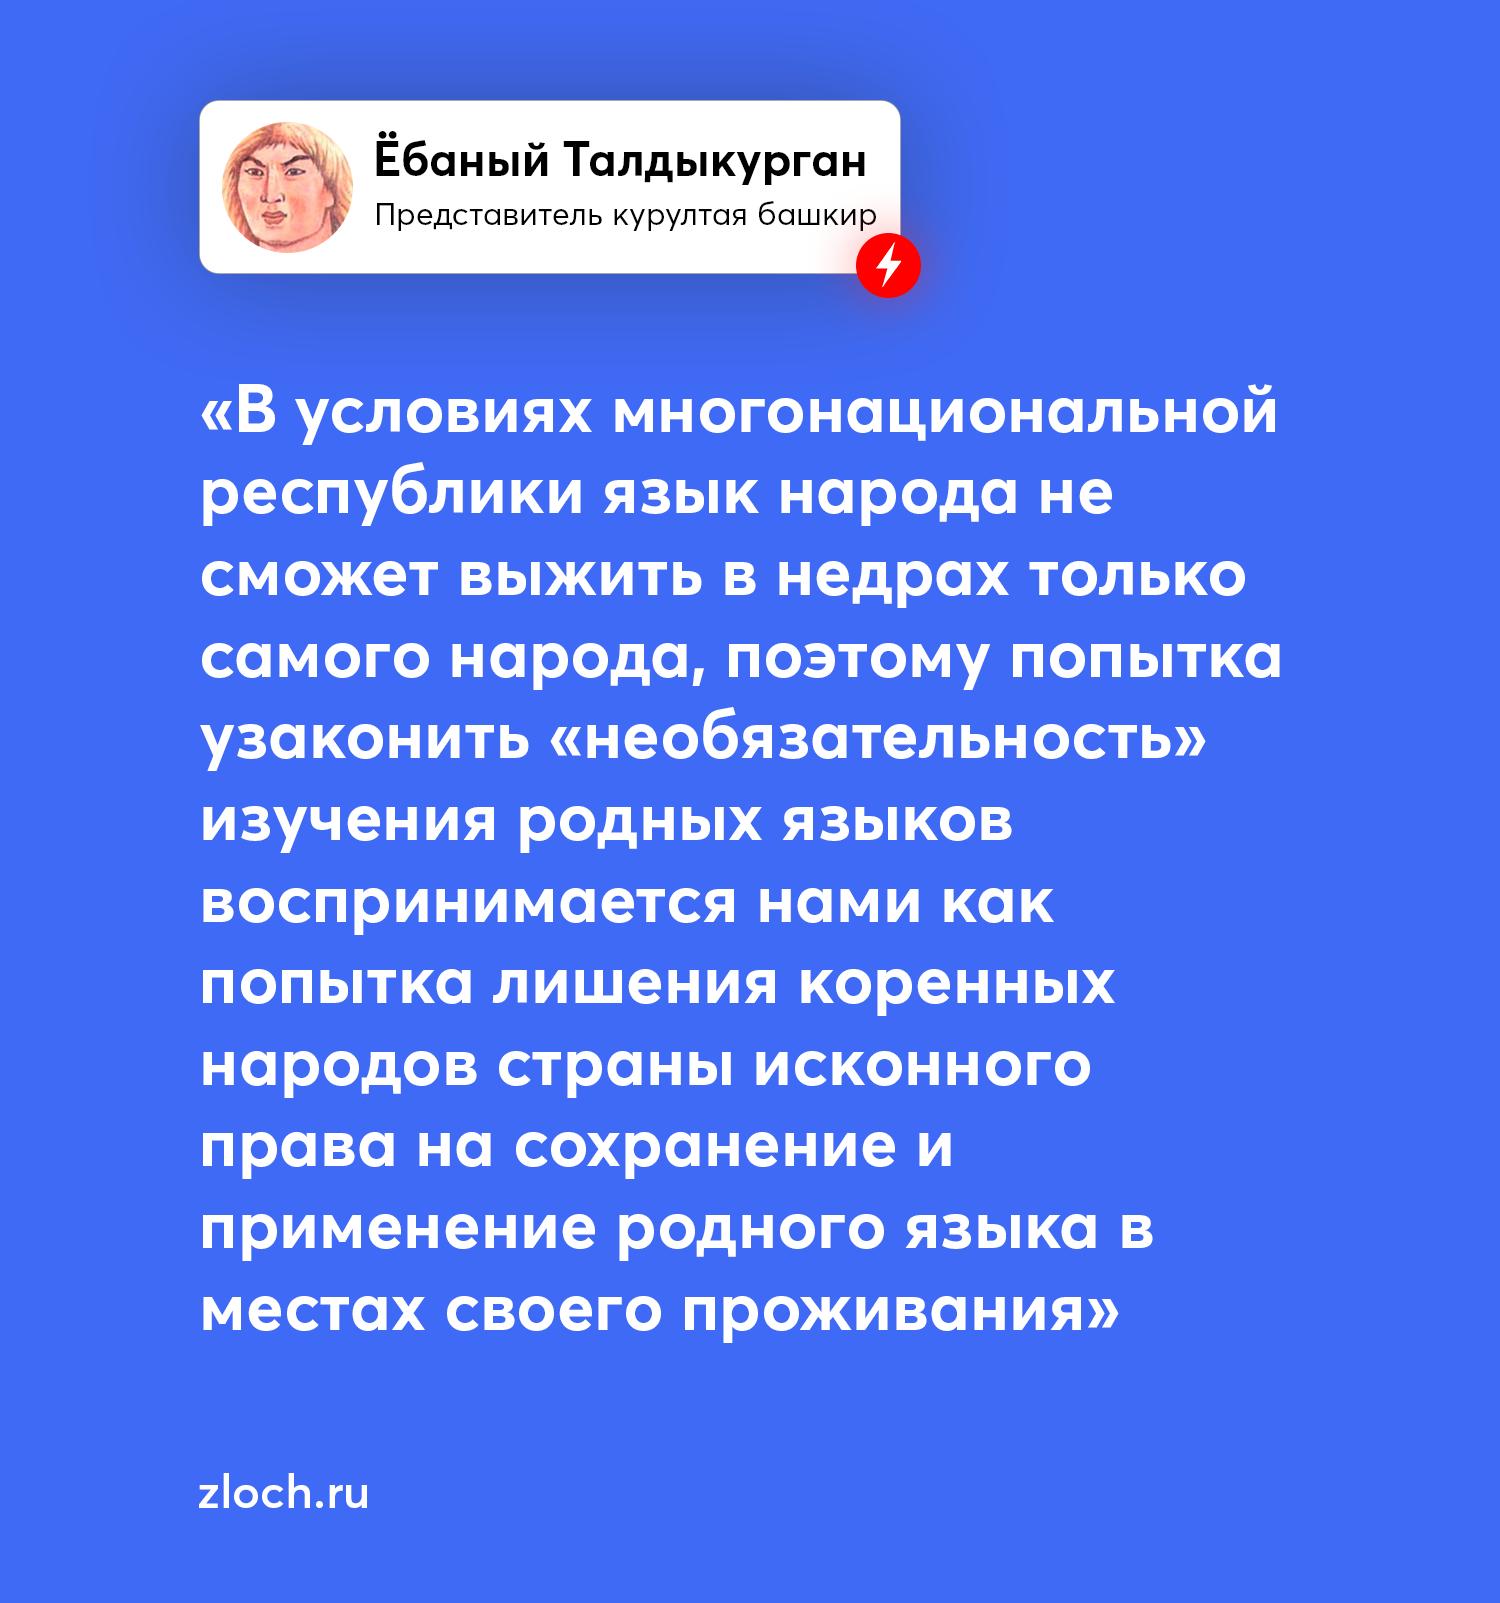 Курултай башкир попросил Госдуму отклонить законопроект о добровольном изучении языков